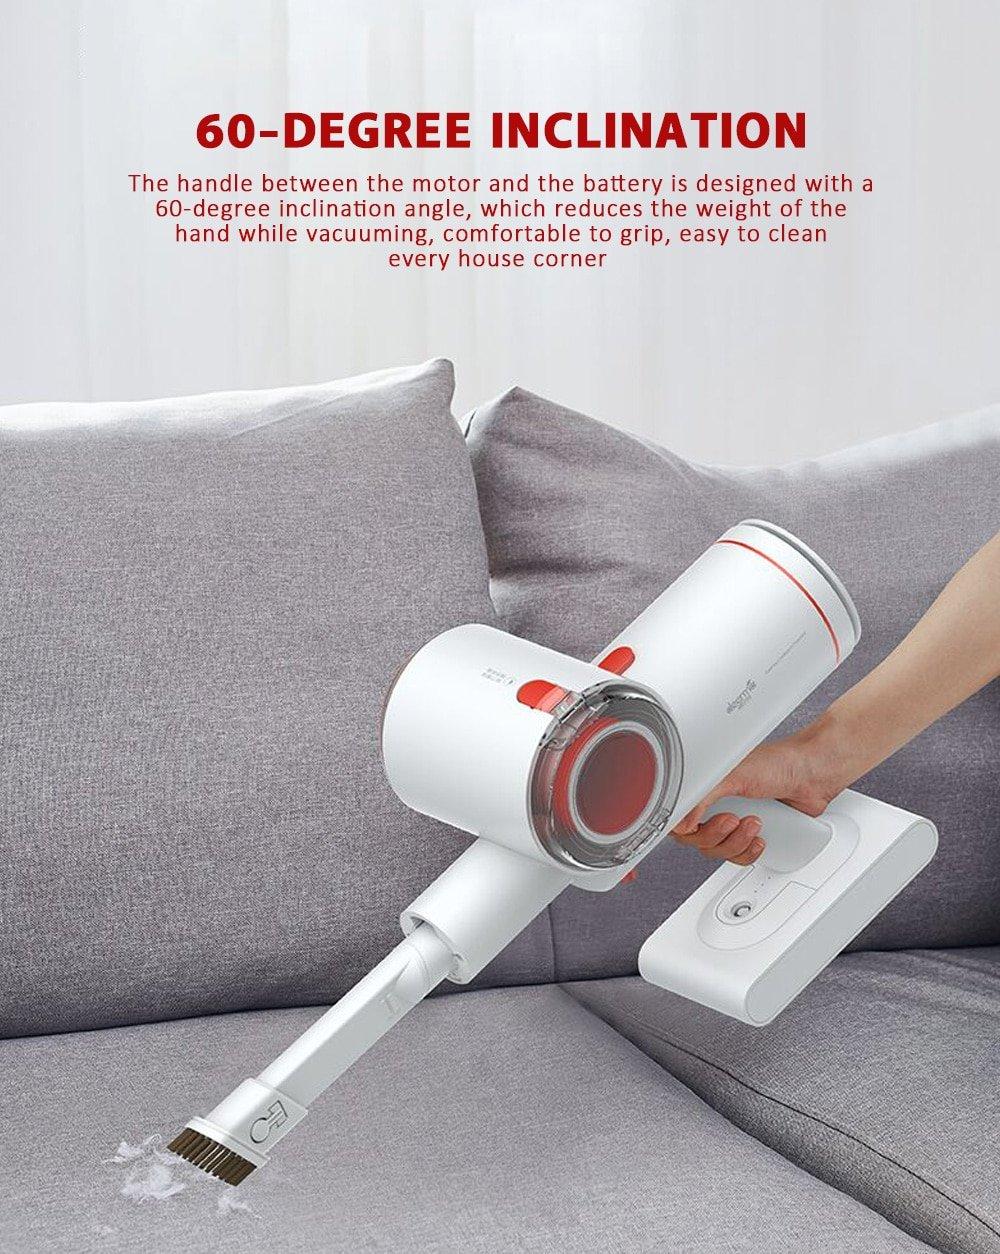 Máy hút bụi Xiaomi Deerma Vacuum Cleaner VC25 hỗ trợ làm sạch tối ưu